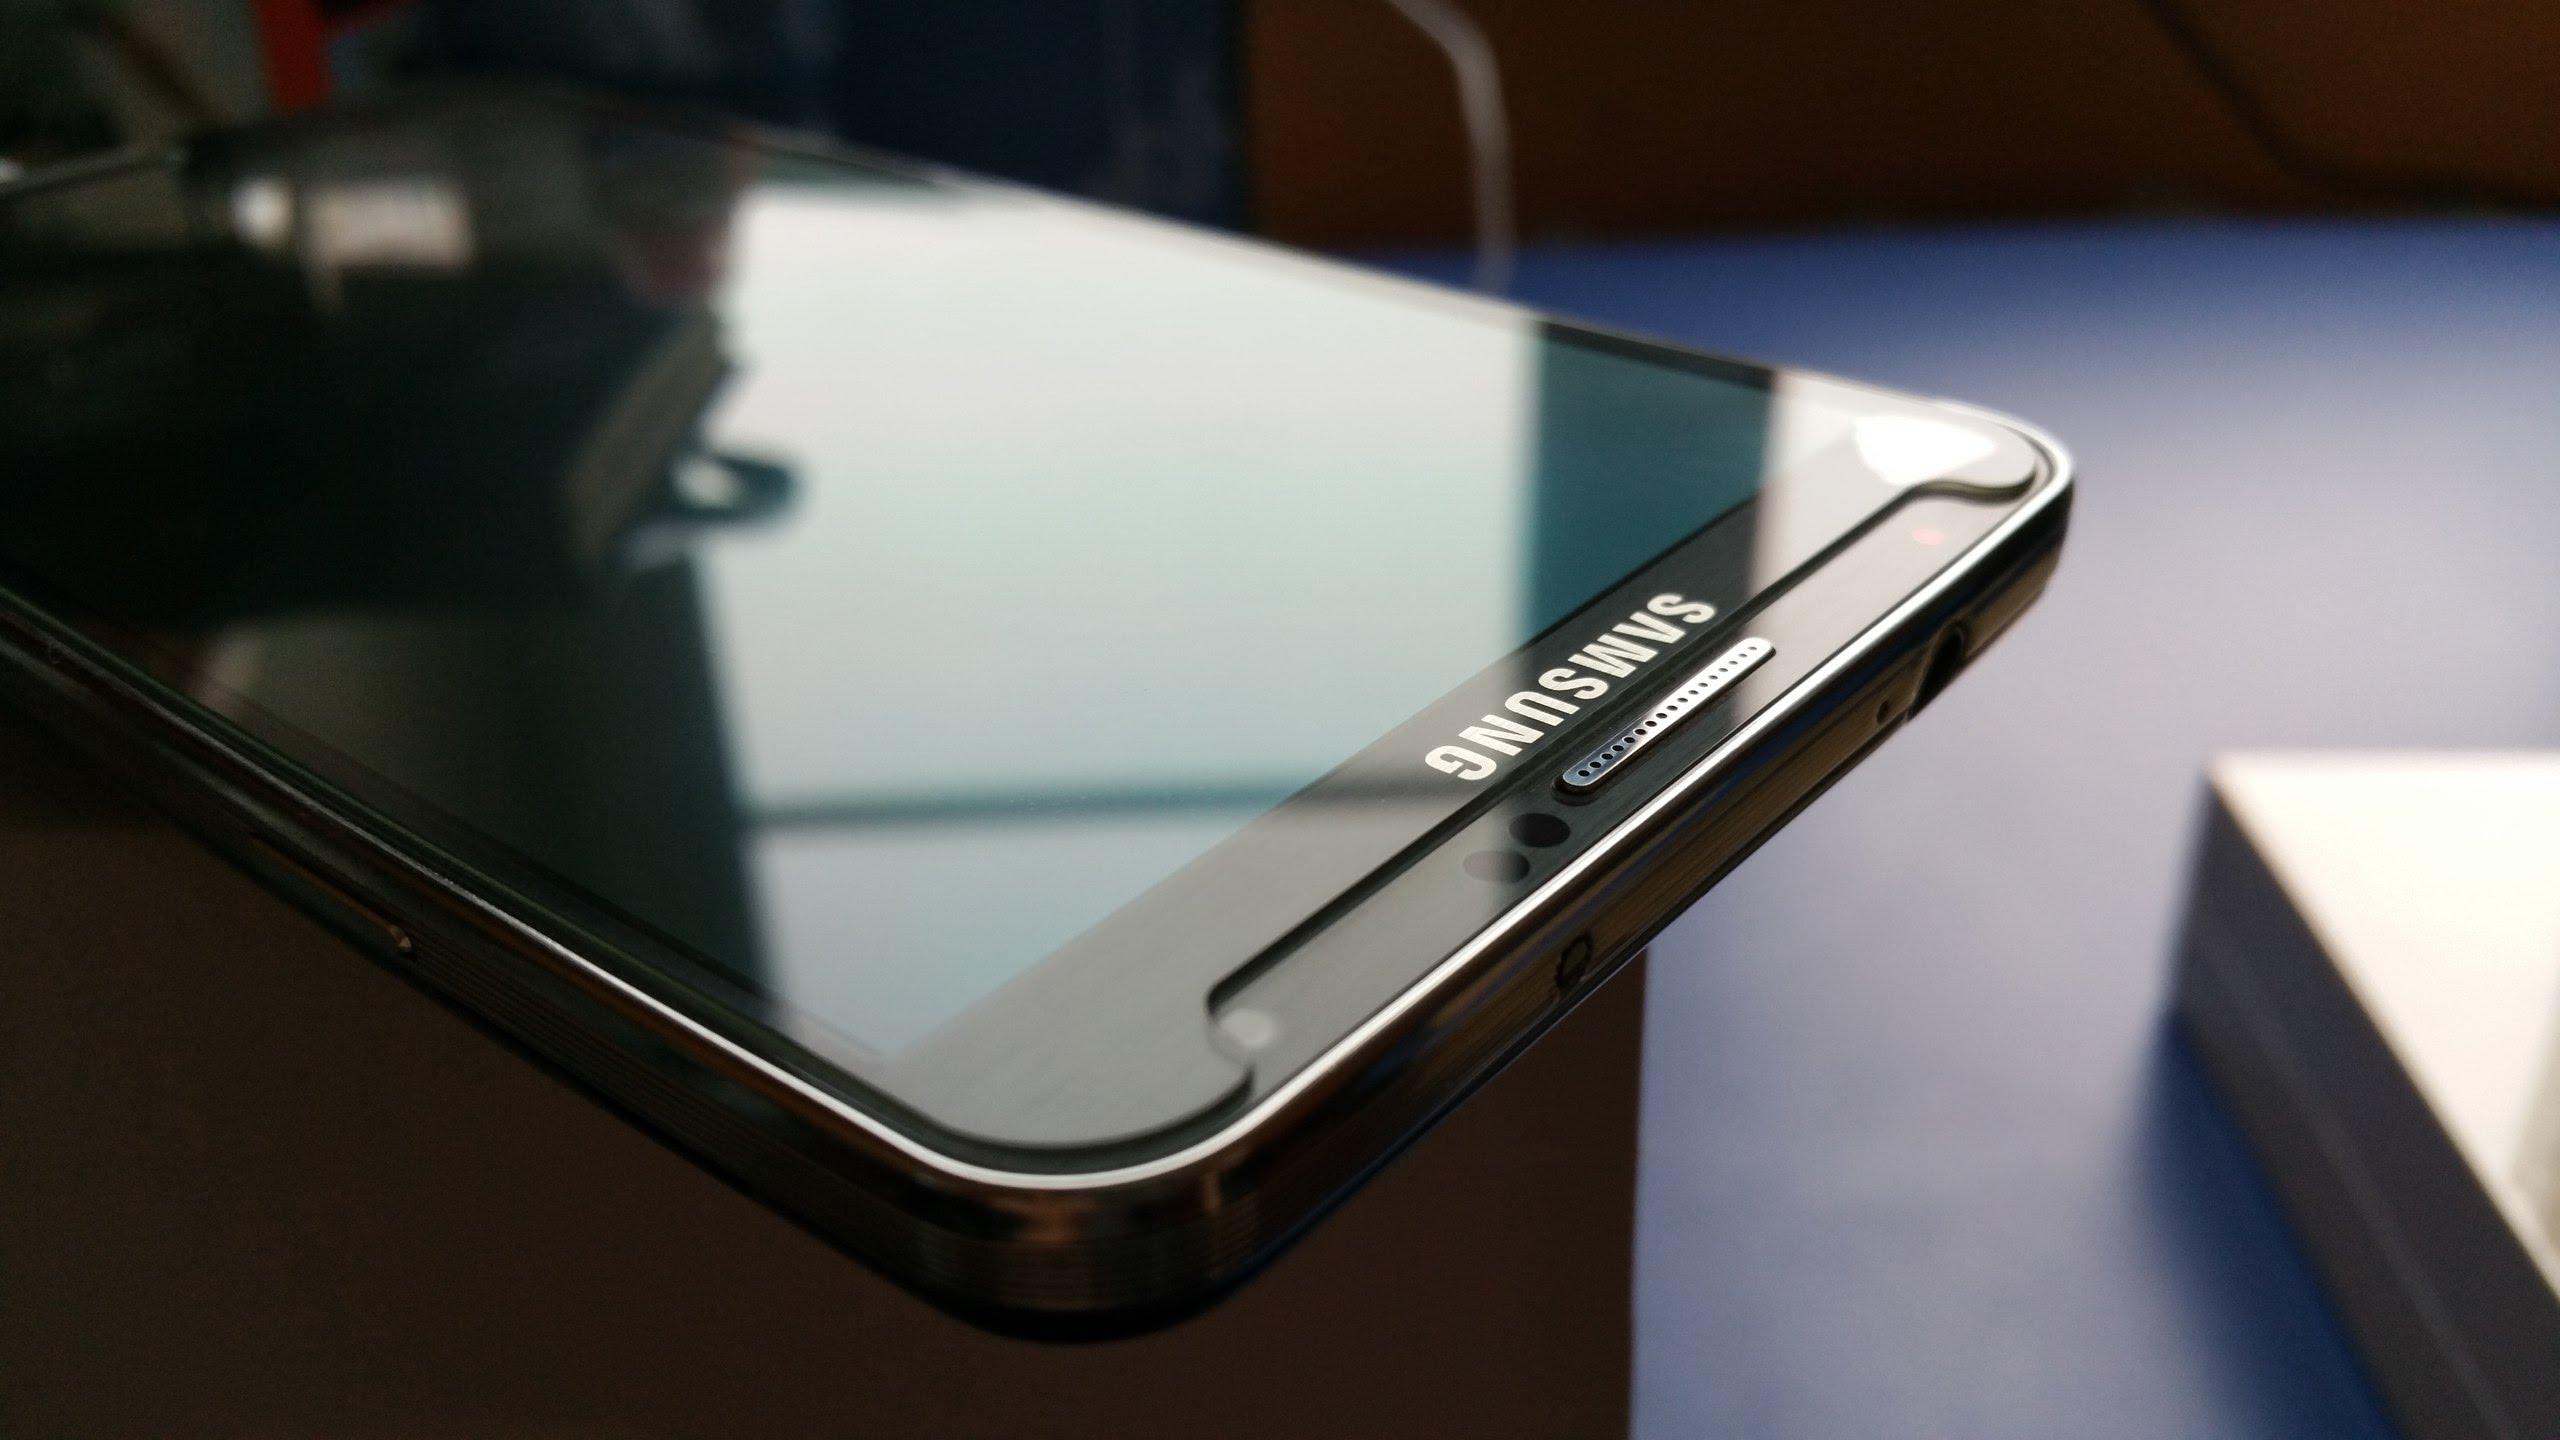 Защитное стекло на телефон помогает